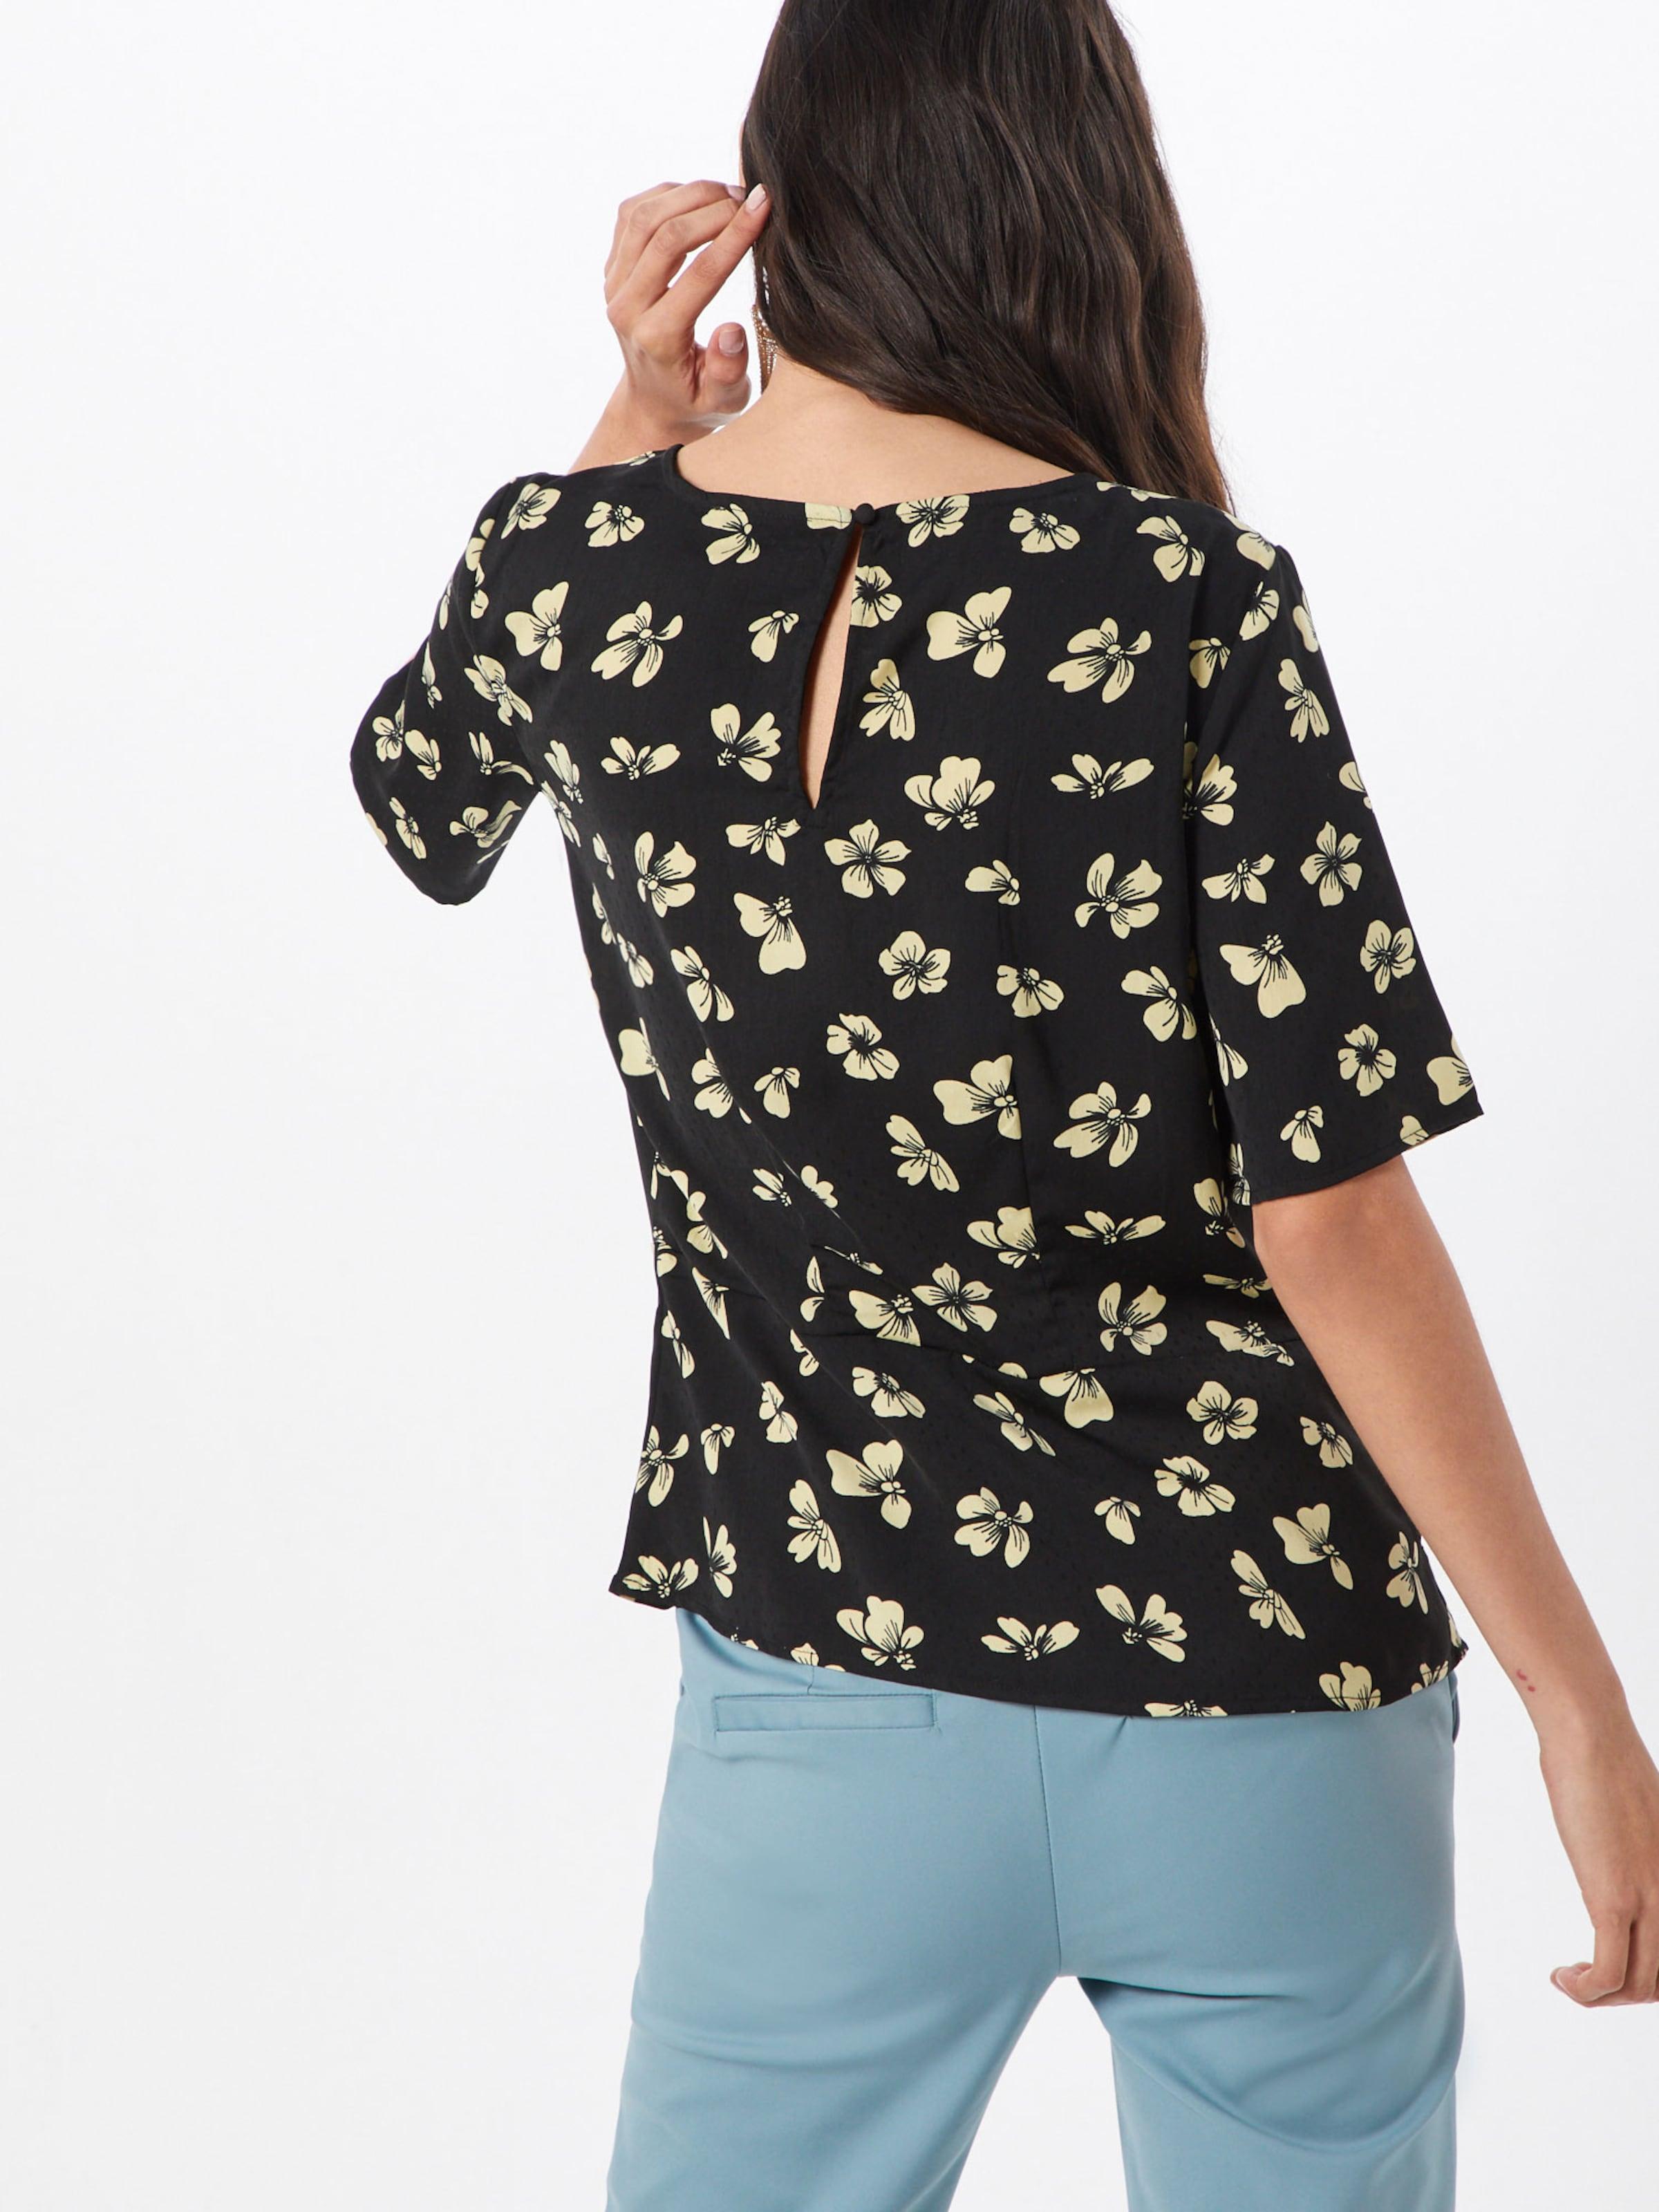 In 'stine' Shirt Shirt GelbSchwarz GelbSchwarz 'stine' Pieces Pieces Pieces Shirt In 'stine' rEBWCoeQxd